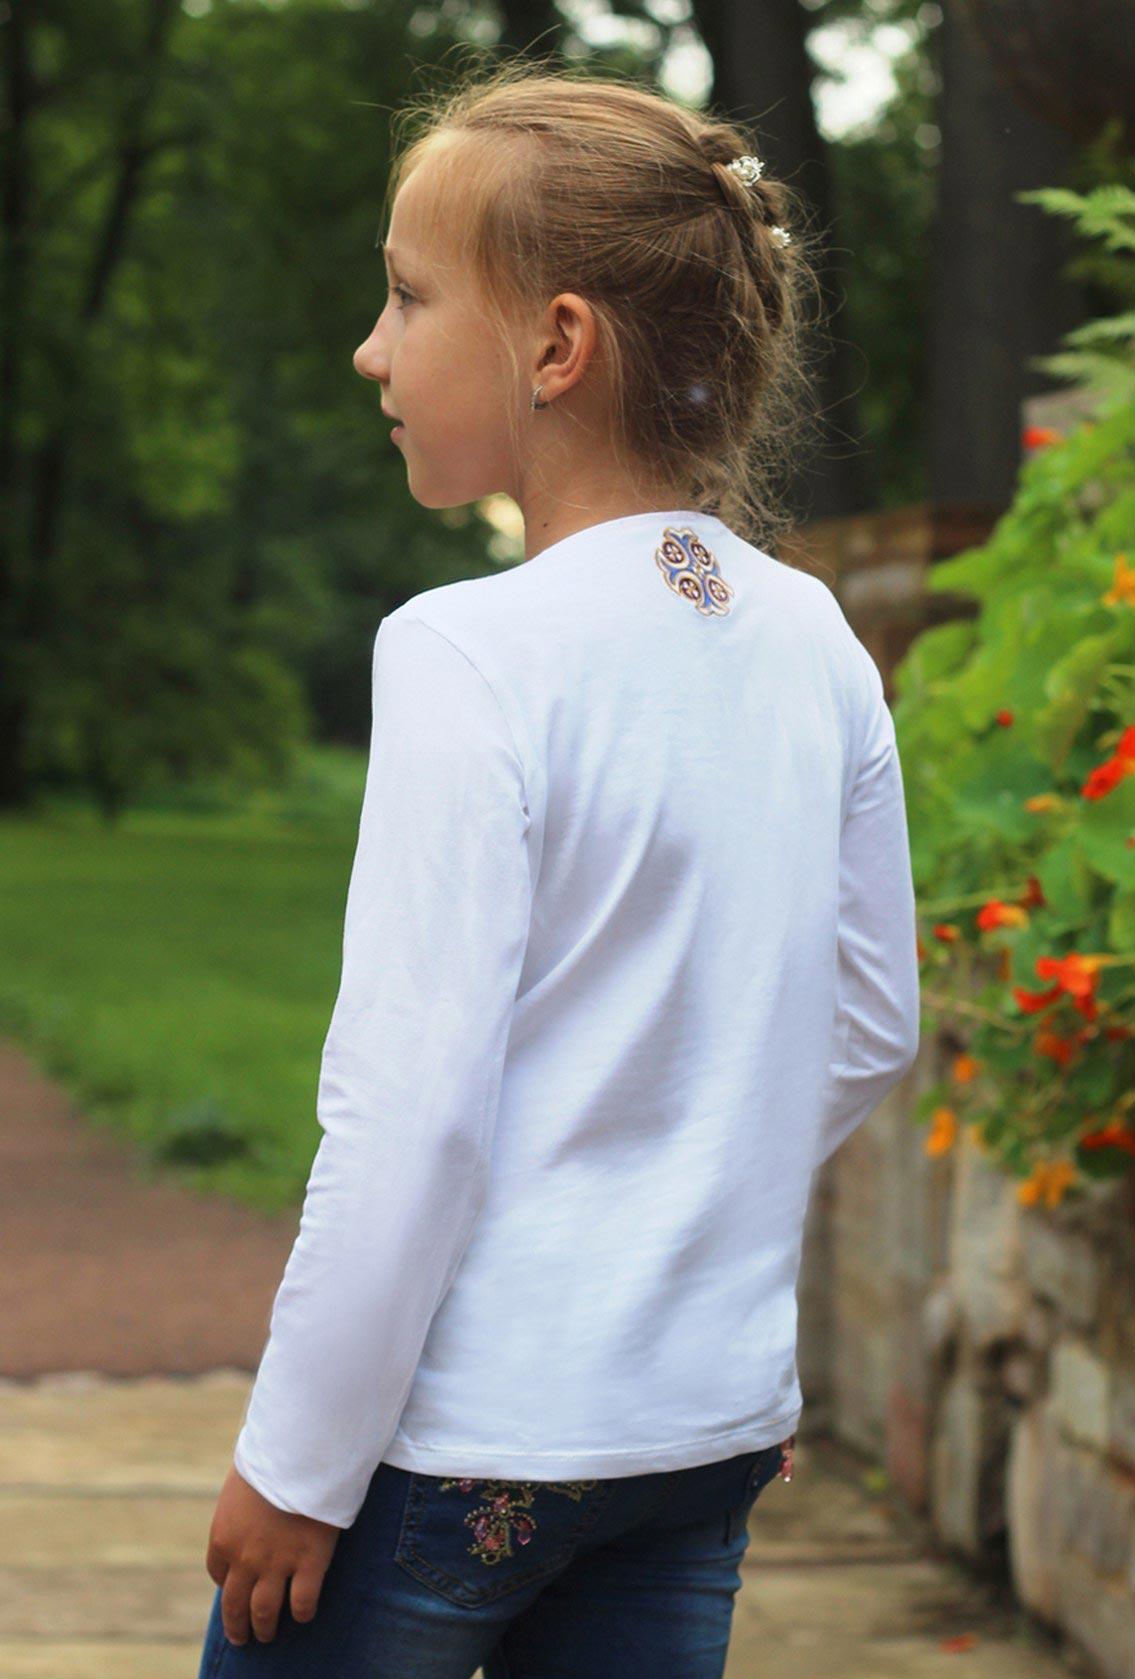 детская футболка с крестом, children's t-shirt with a cross